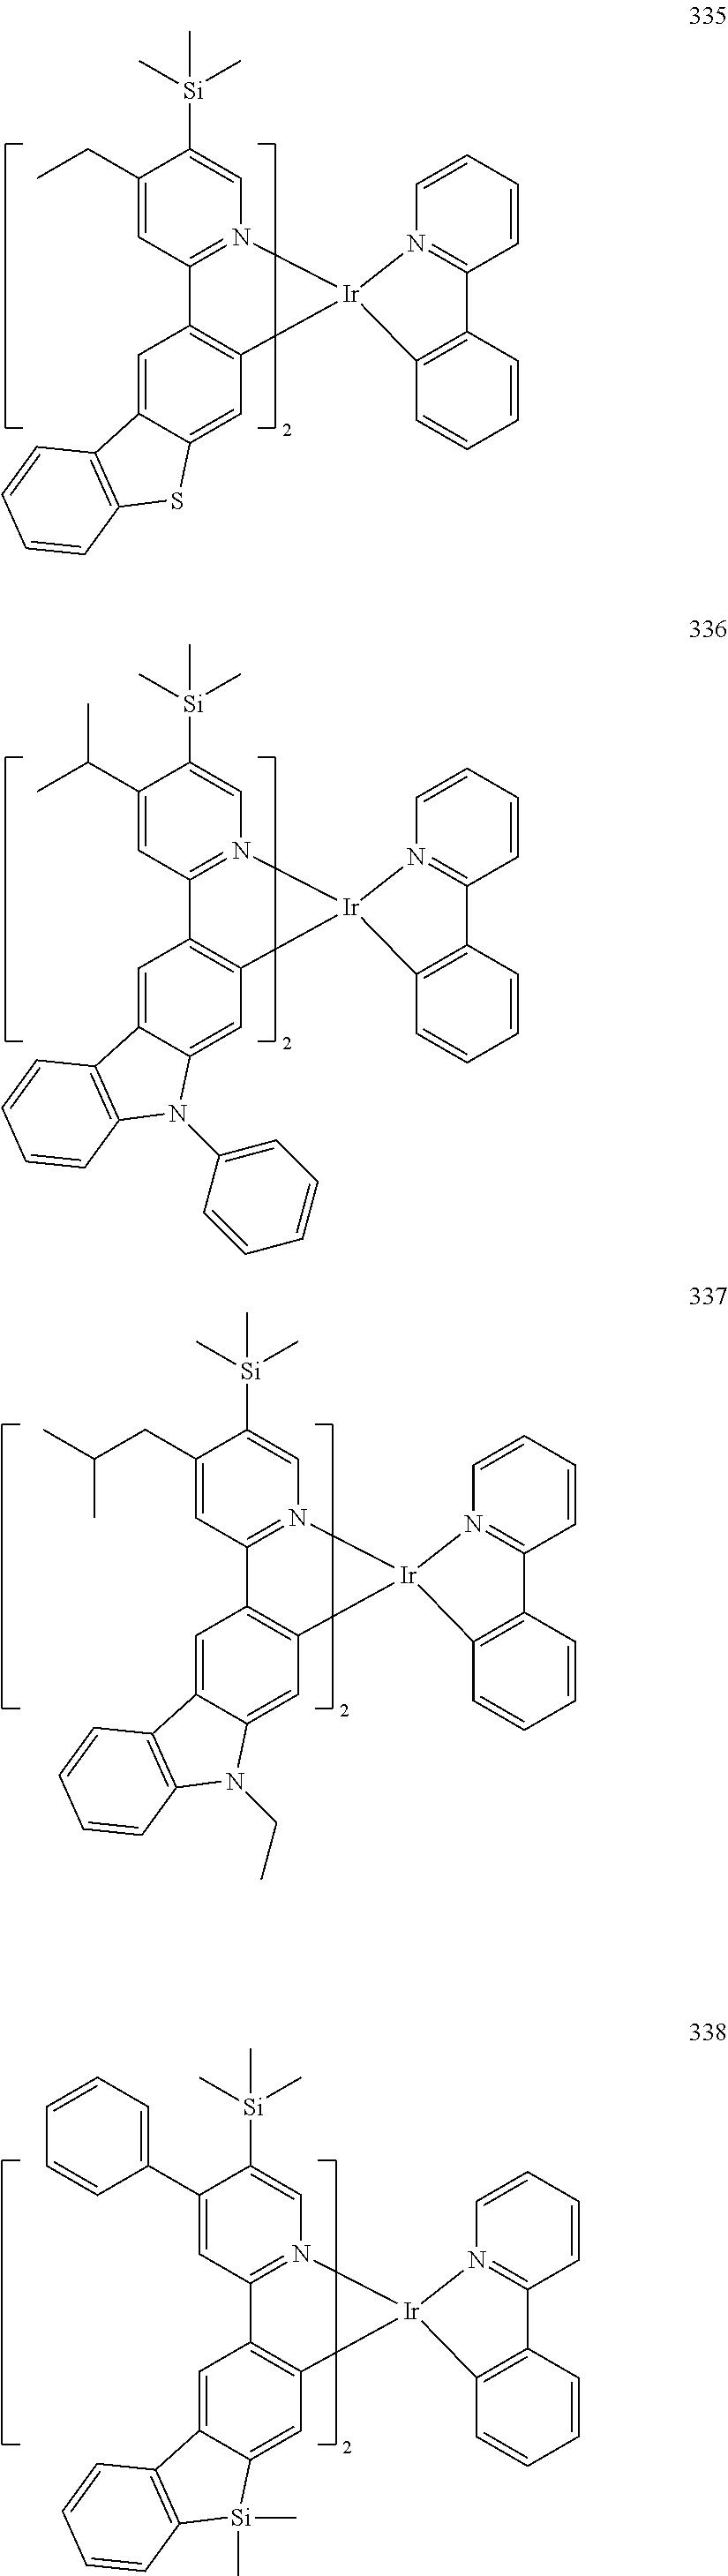 Figure US20160155962A1-20160602-C00423